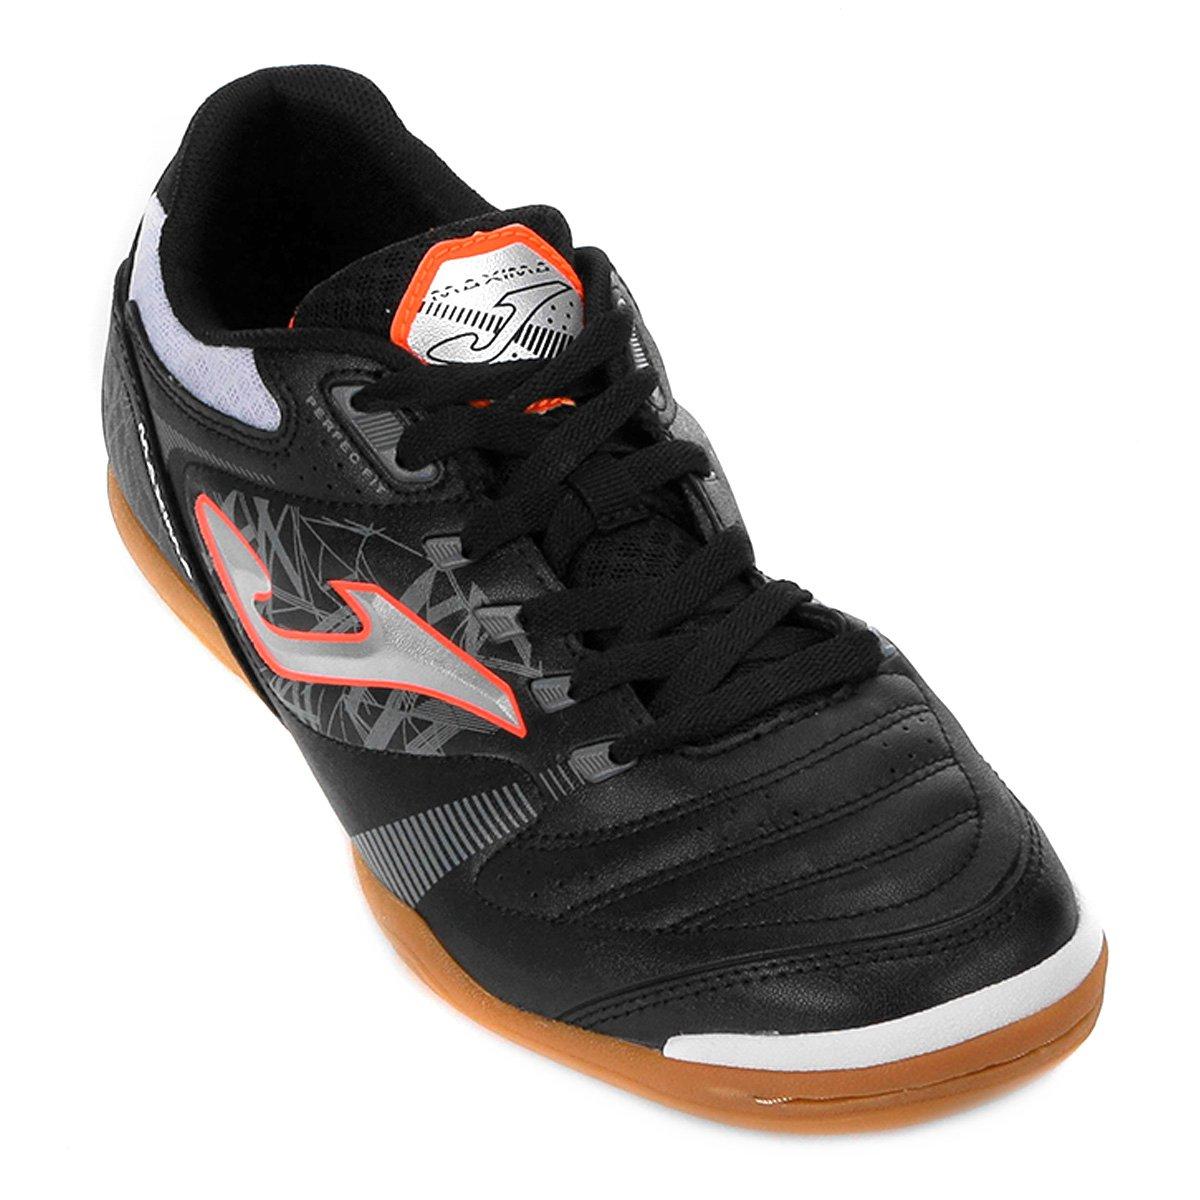 a68ebc1595 Chuteira Futsal Joma Maxima IN - Preto - Compre Agora